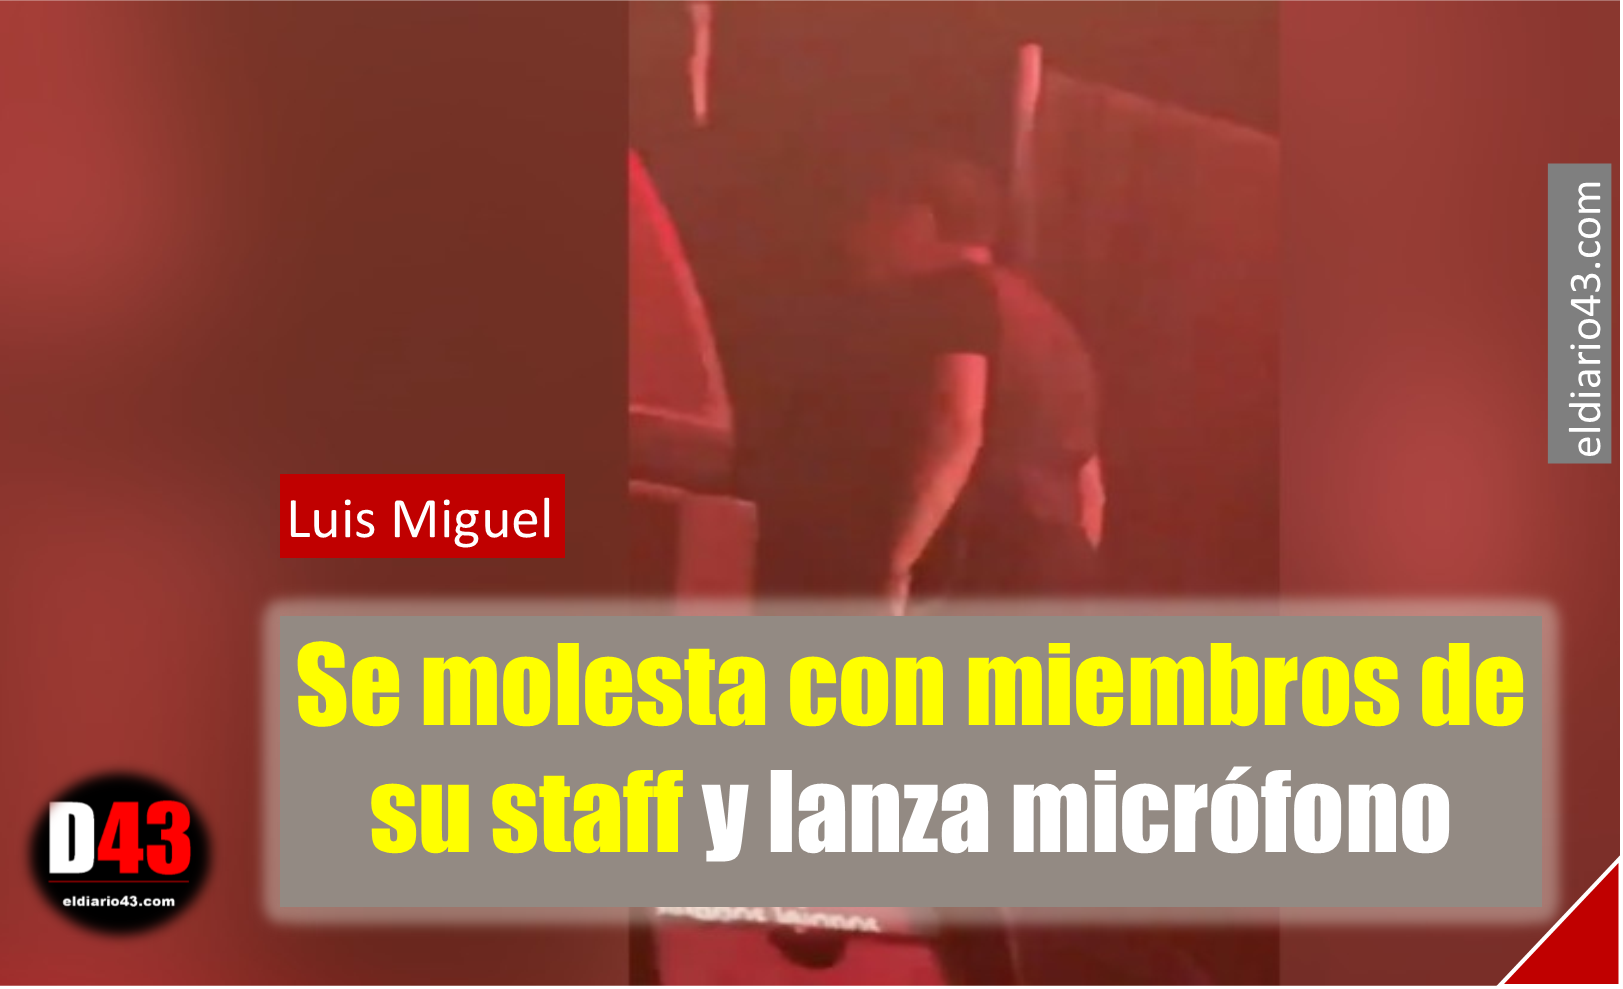 """El Sol"" enfurece y lanza micrófono a su staff.."